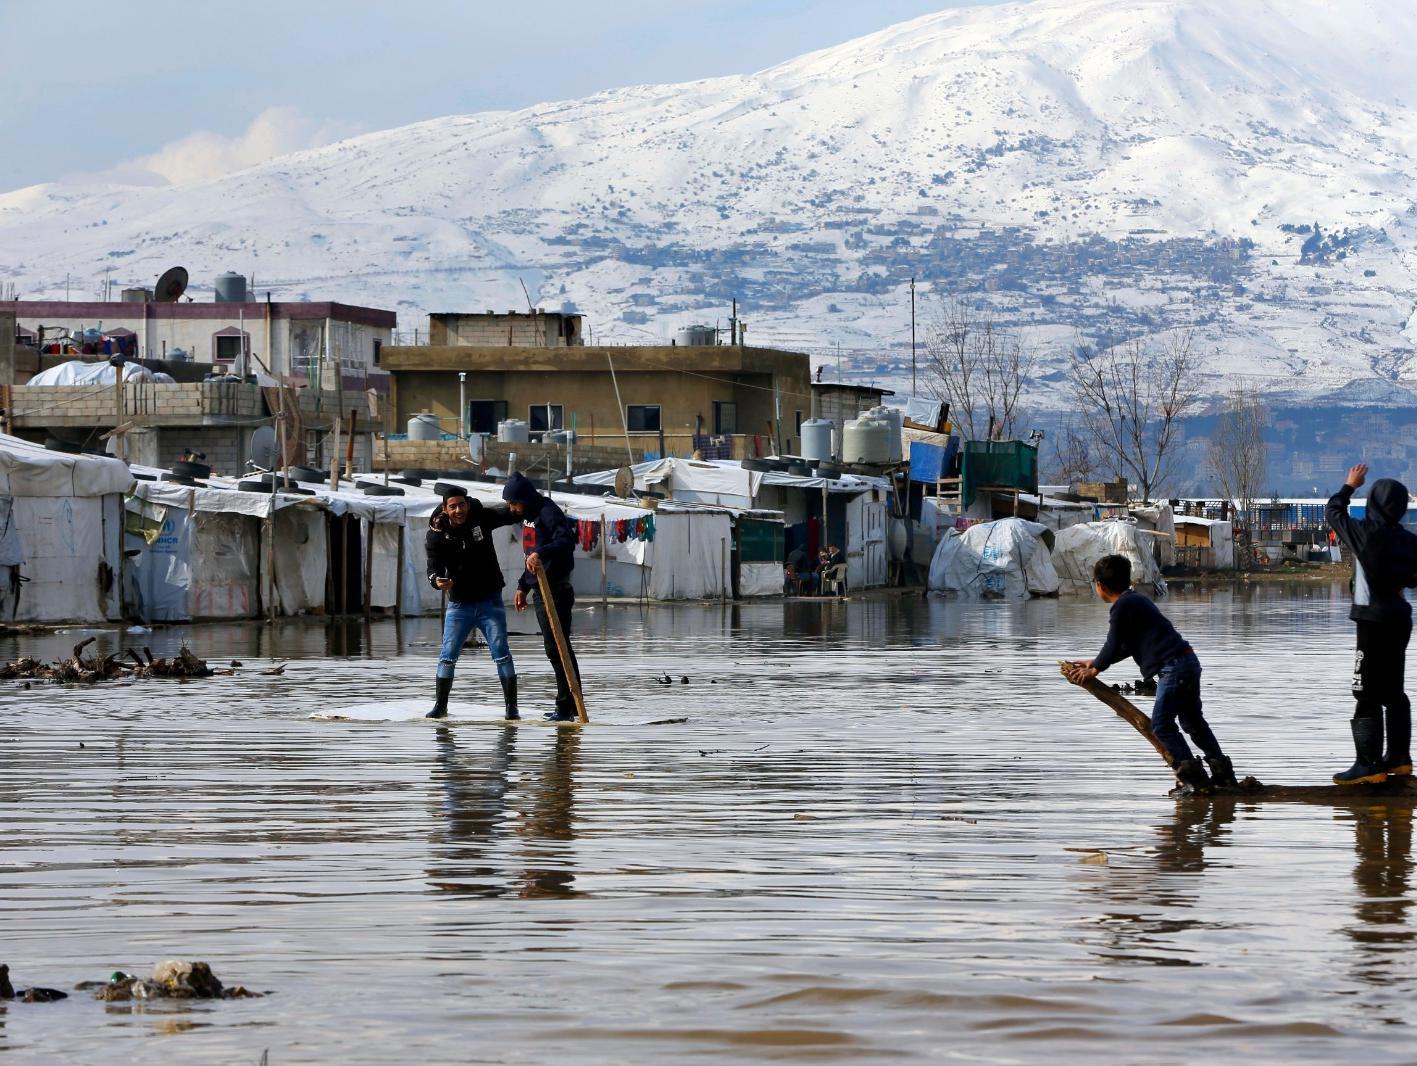 בשל הכפור העז: 15 ילדים קפאו למוות במחנות פליטים ברחבי סוריה